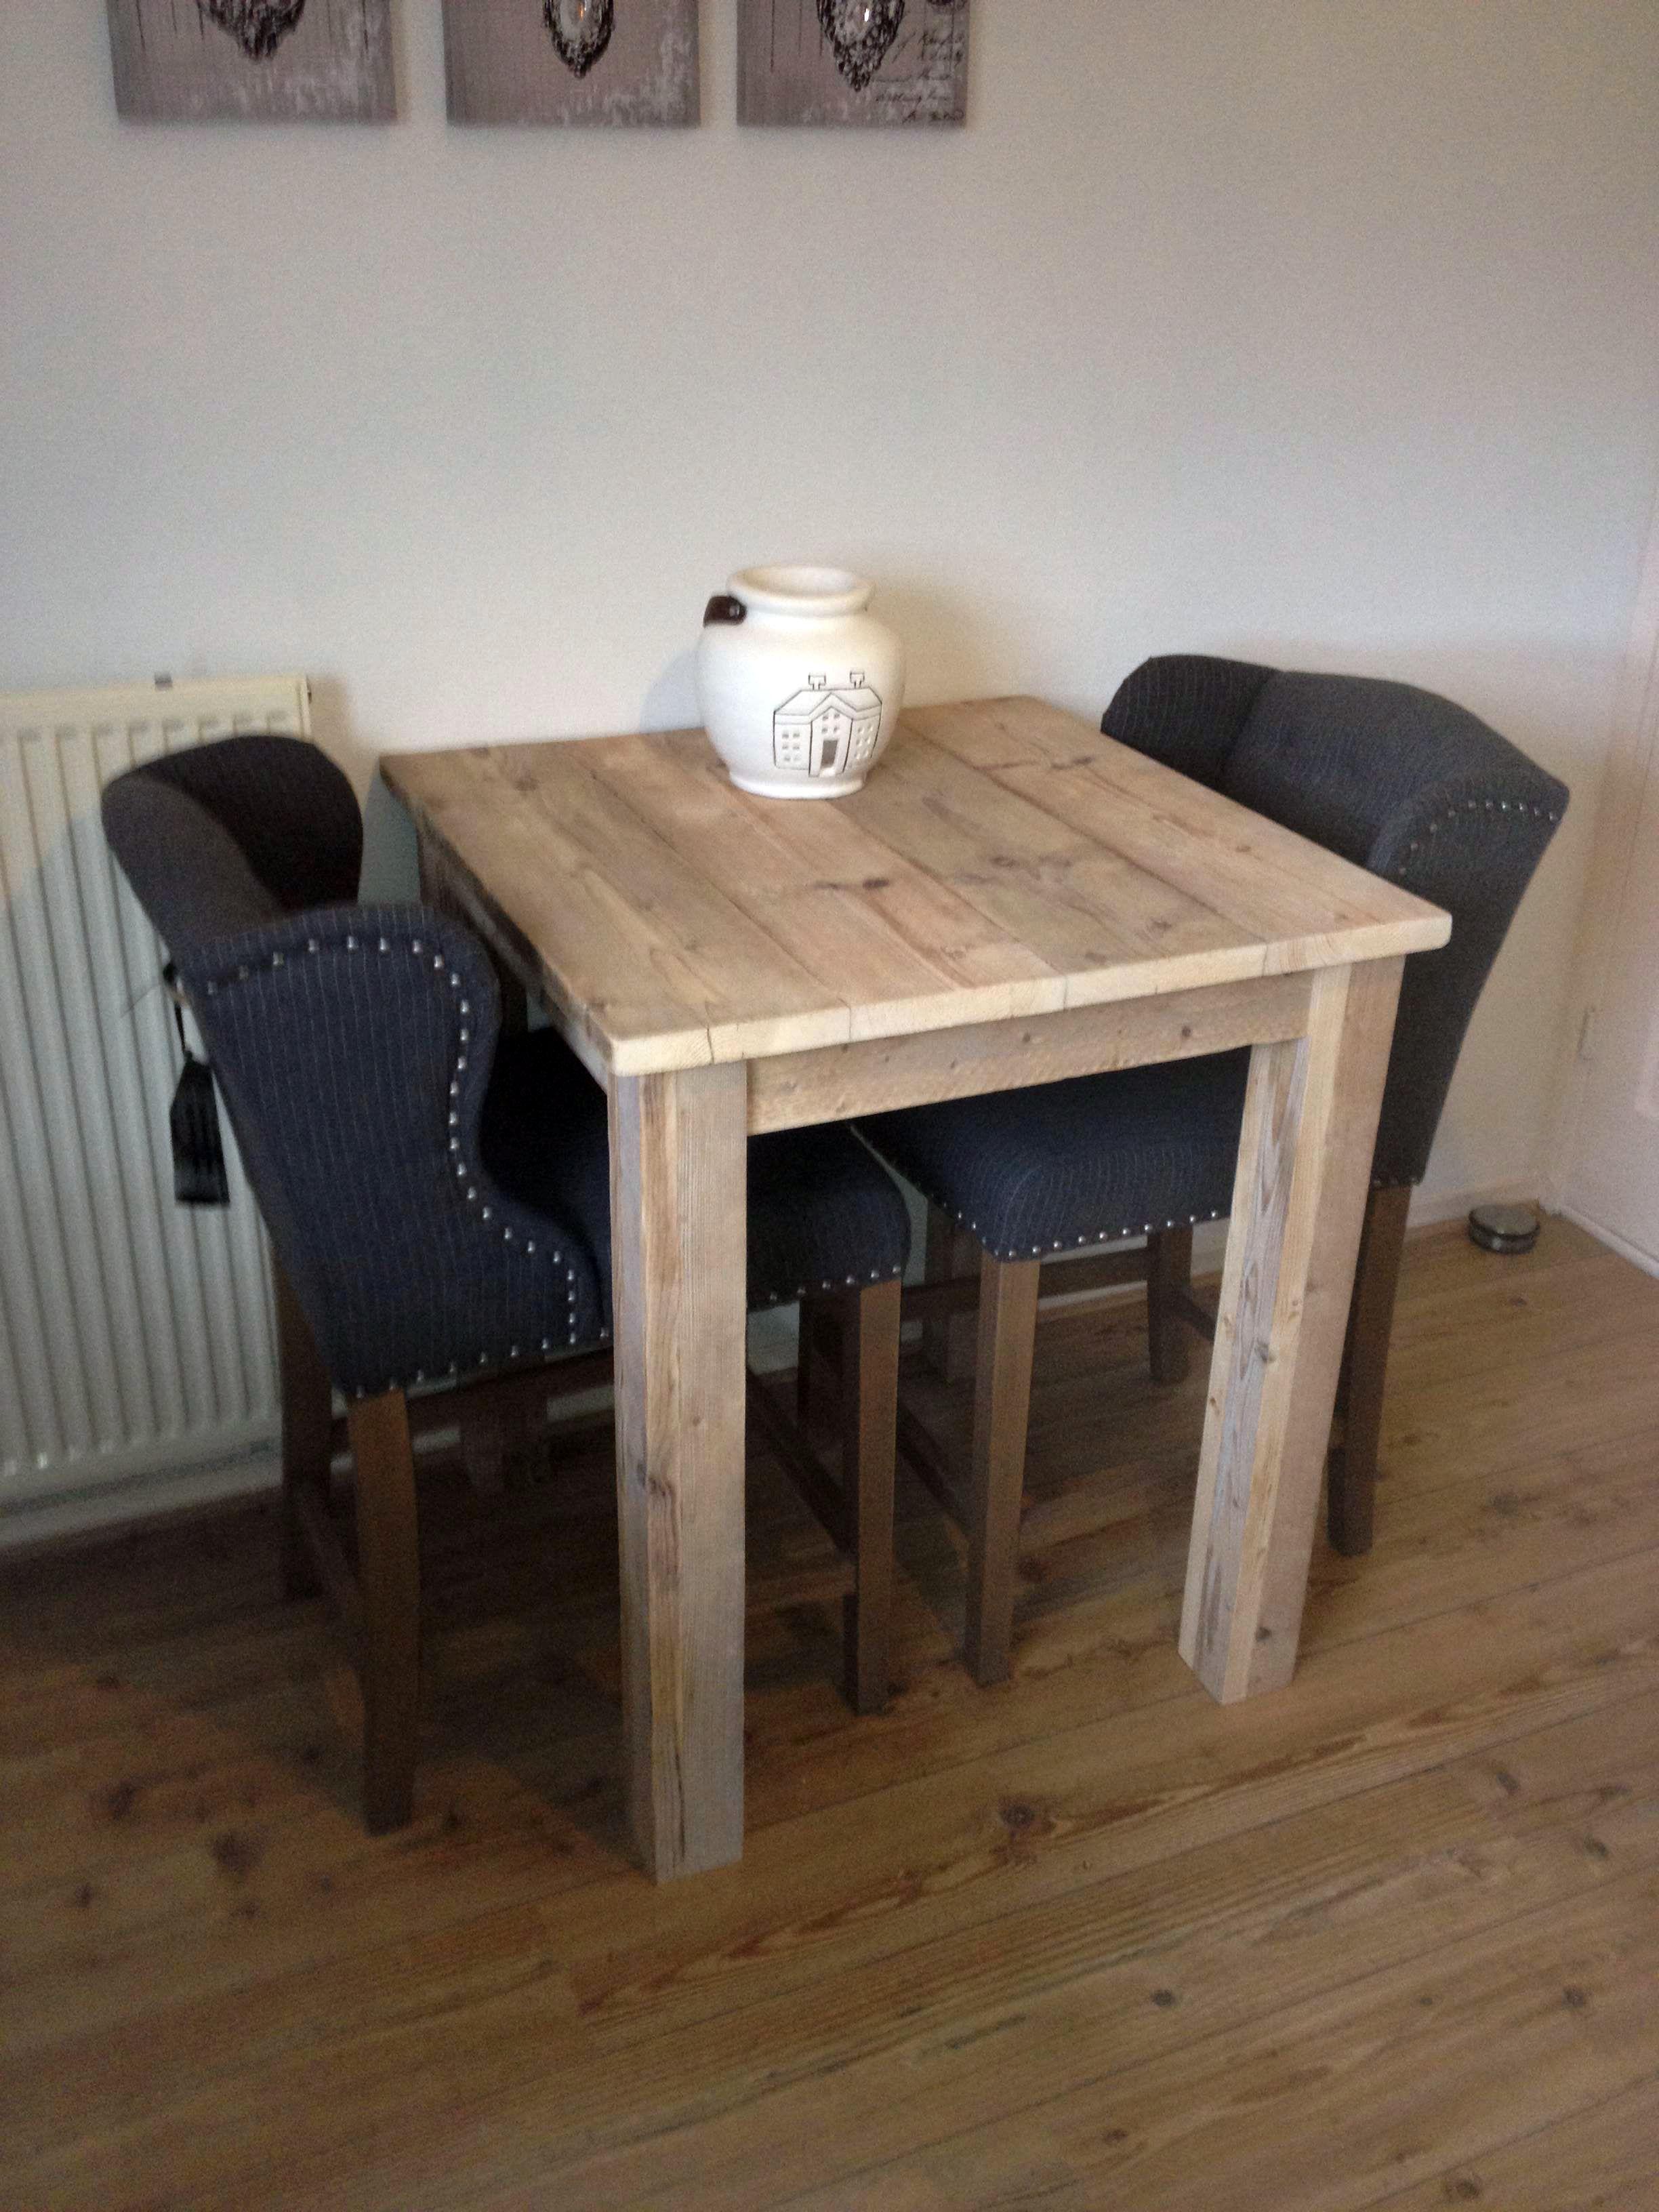 Vierkante Eettafel Steigerhout.Mooie Hoge Vierkante Eettafel Van Steigerhout Op Maat